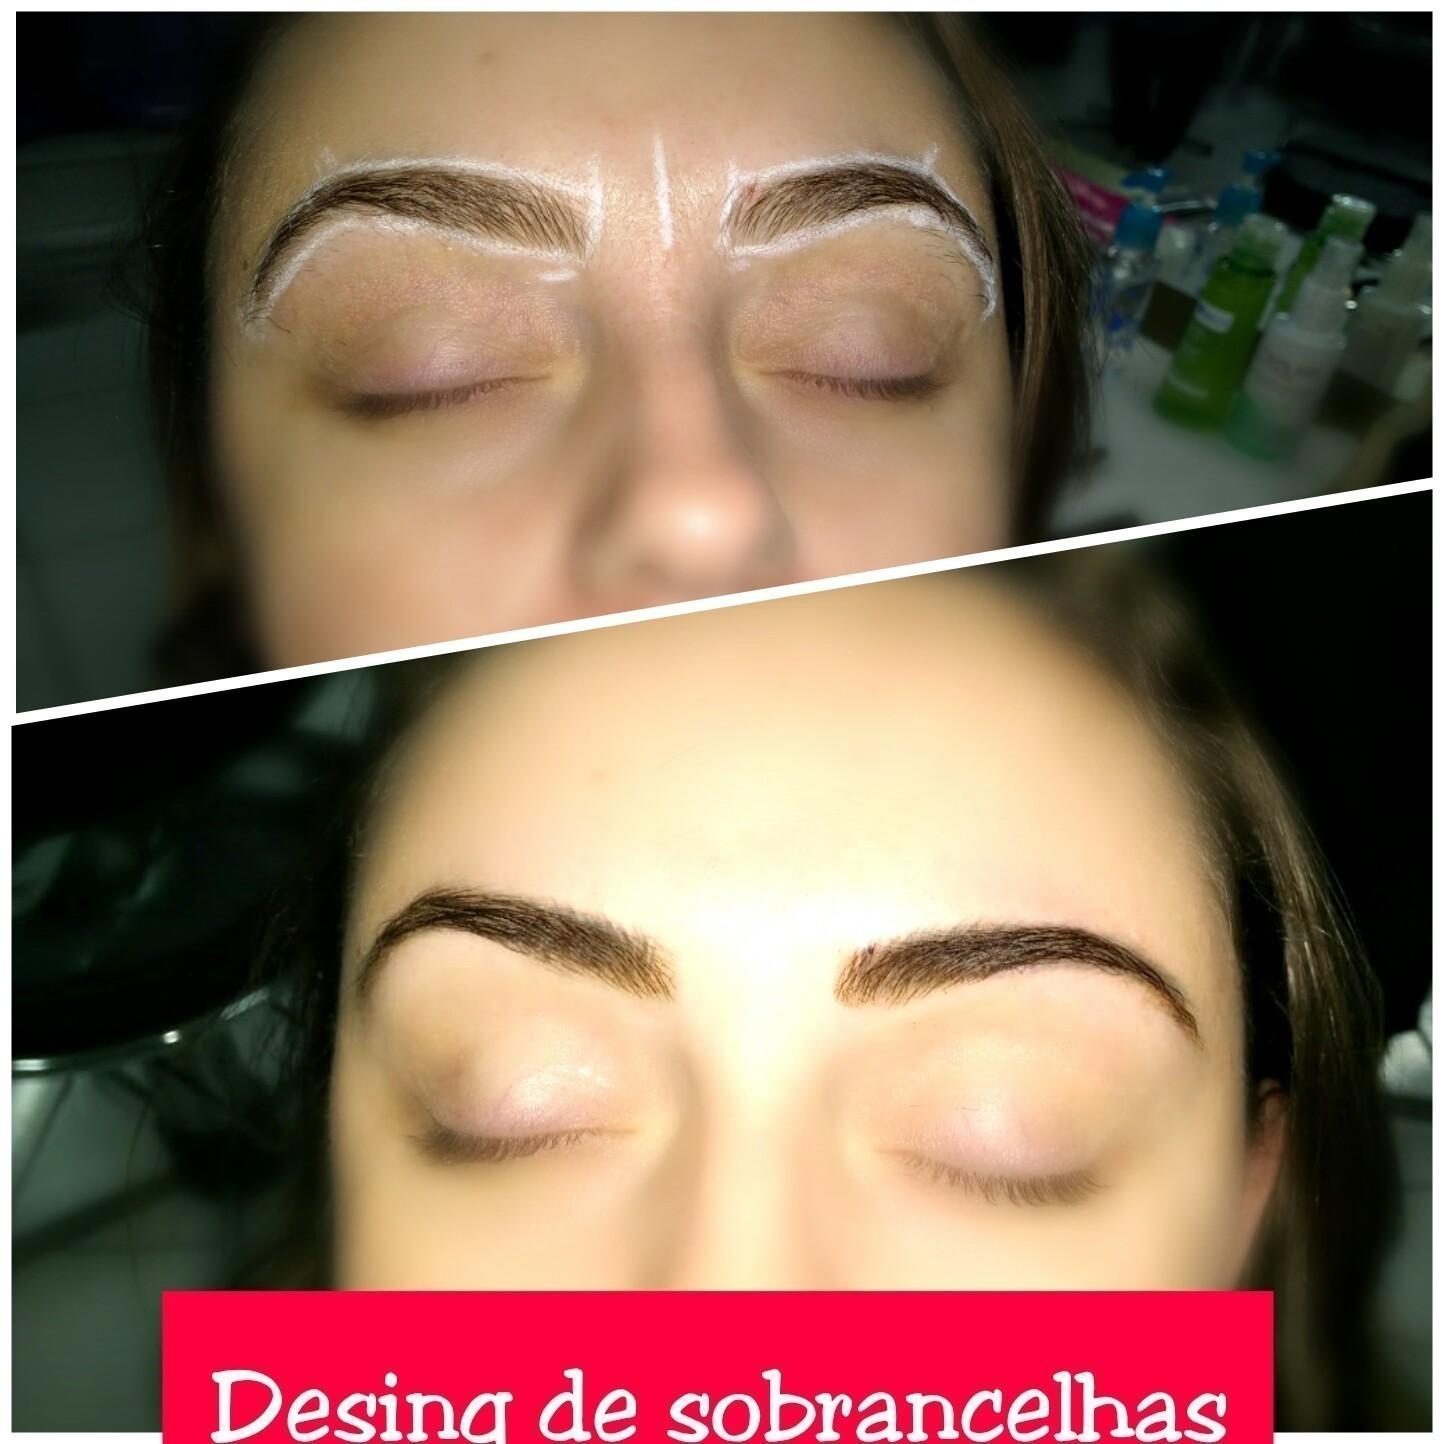 estética cabeleireiro(a) docente / professor(a)